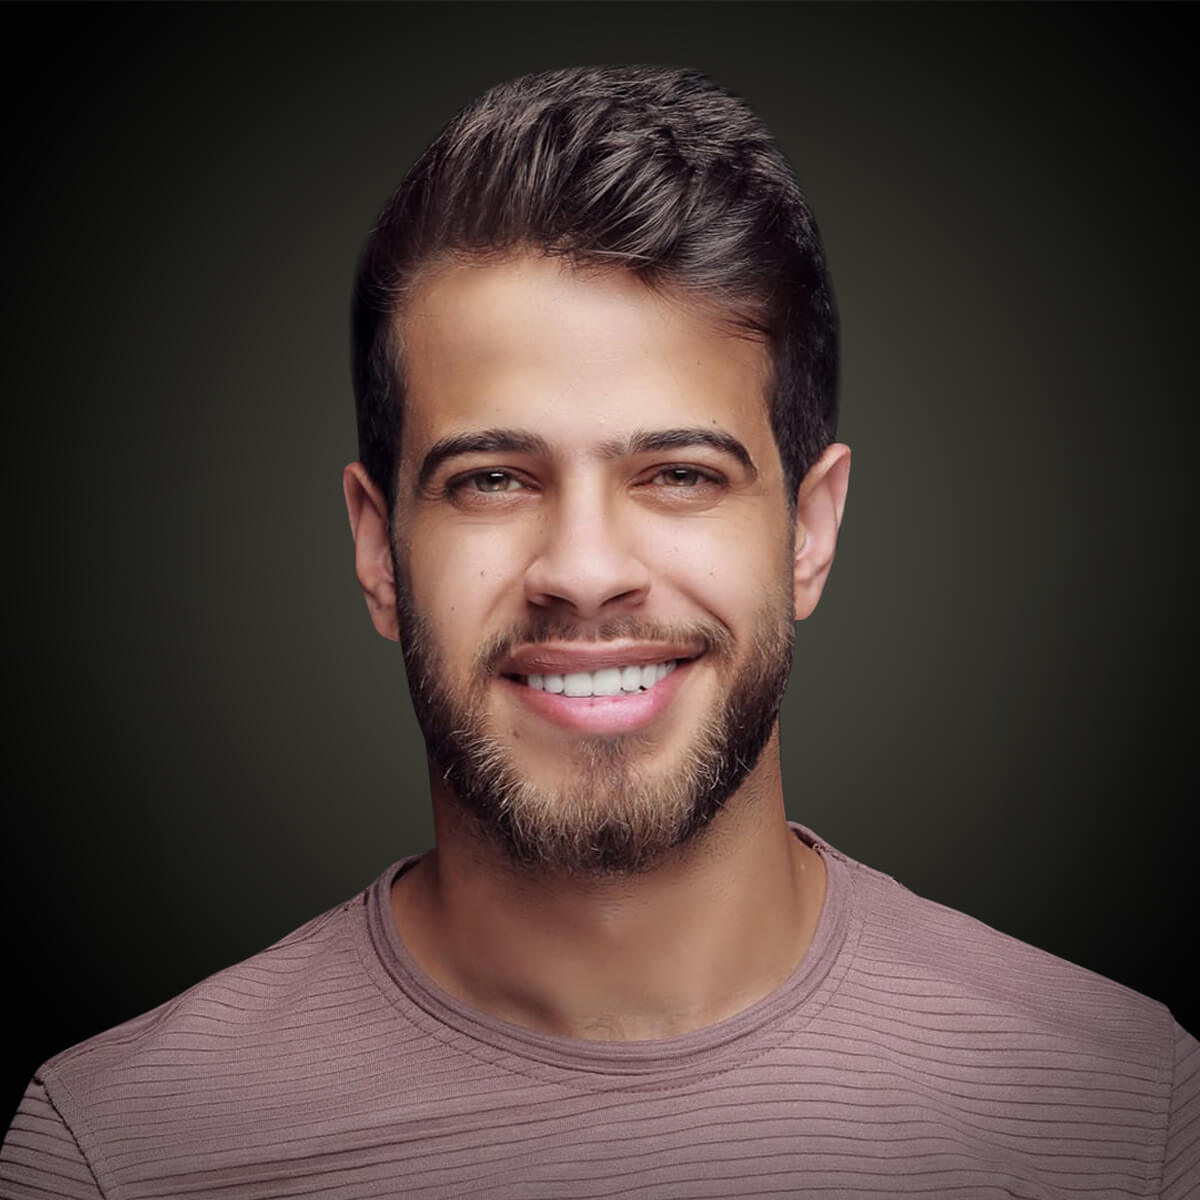 adham nabulsi arab singer